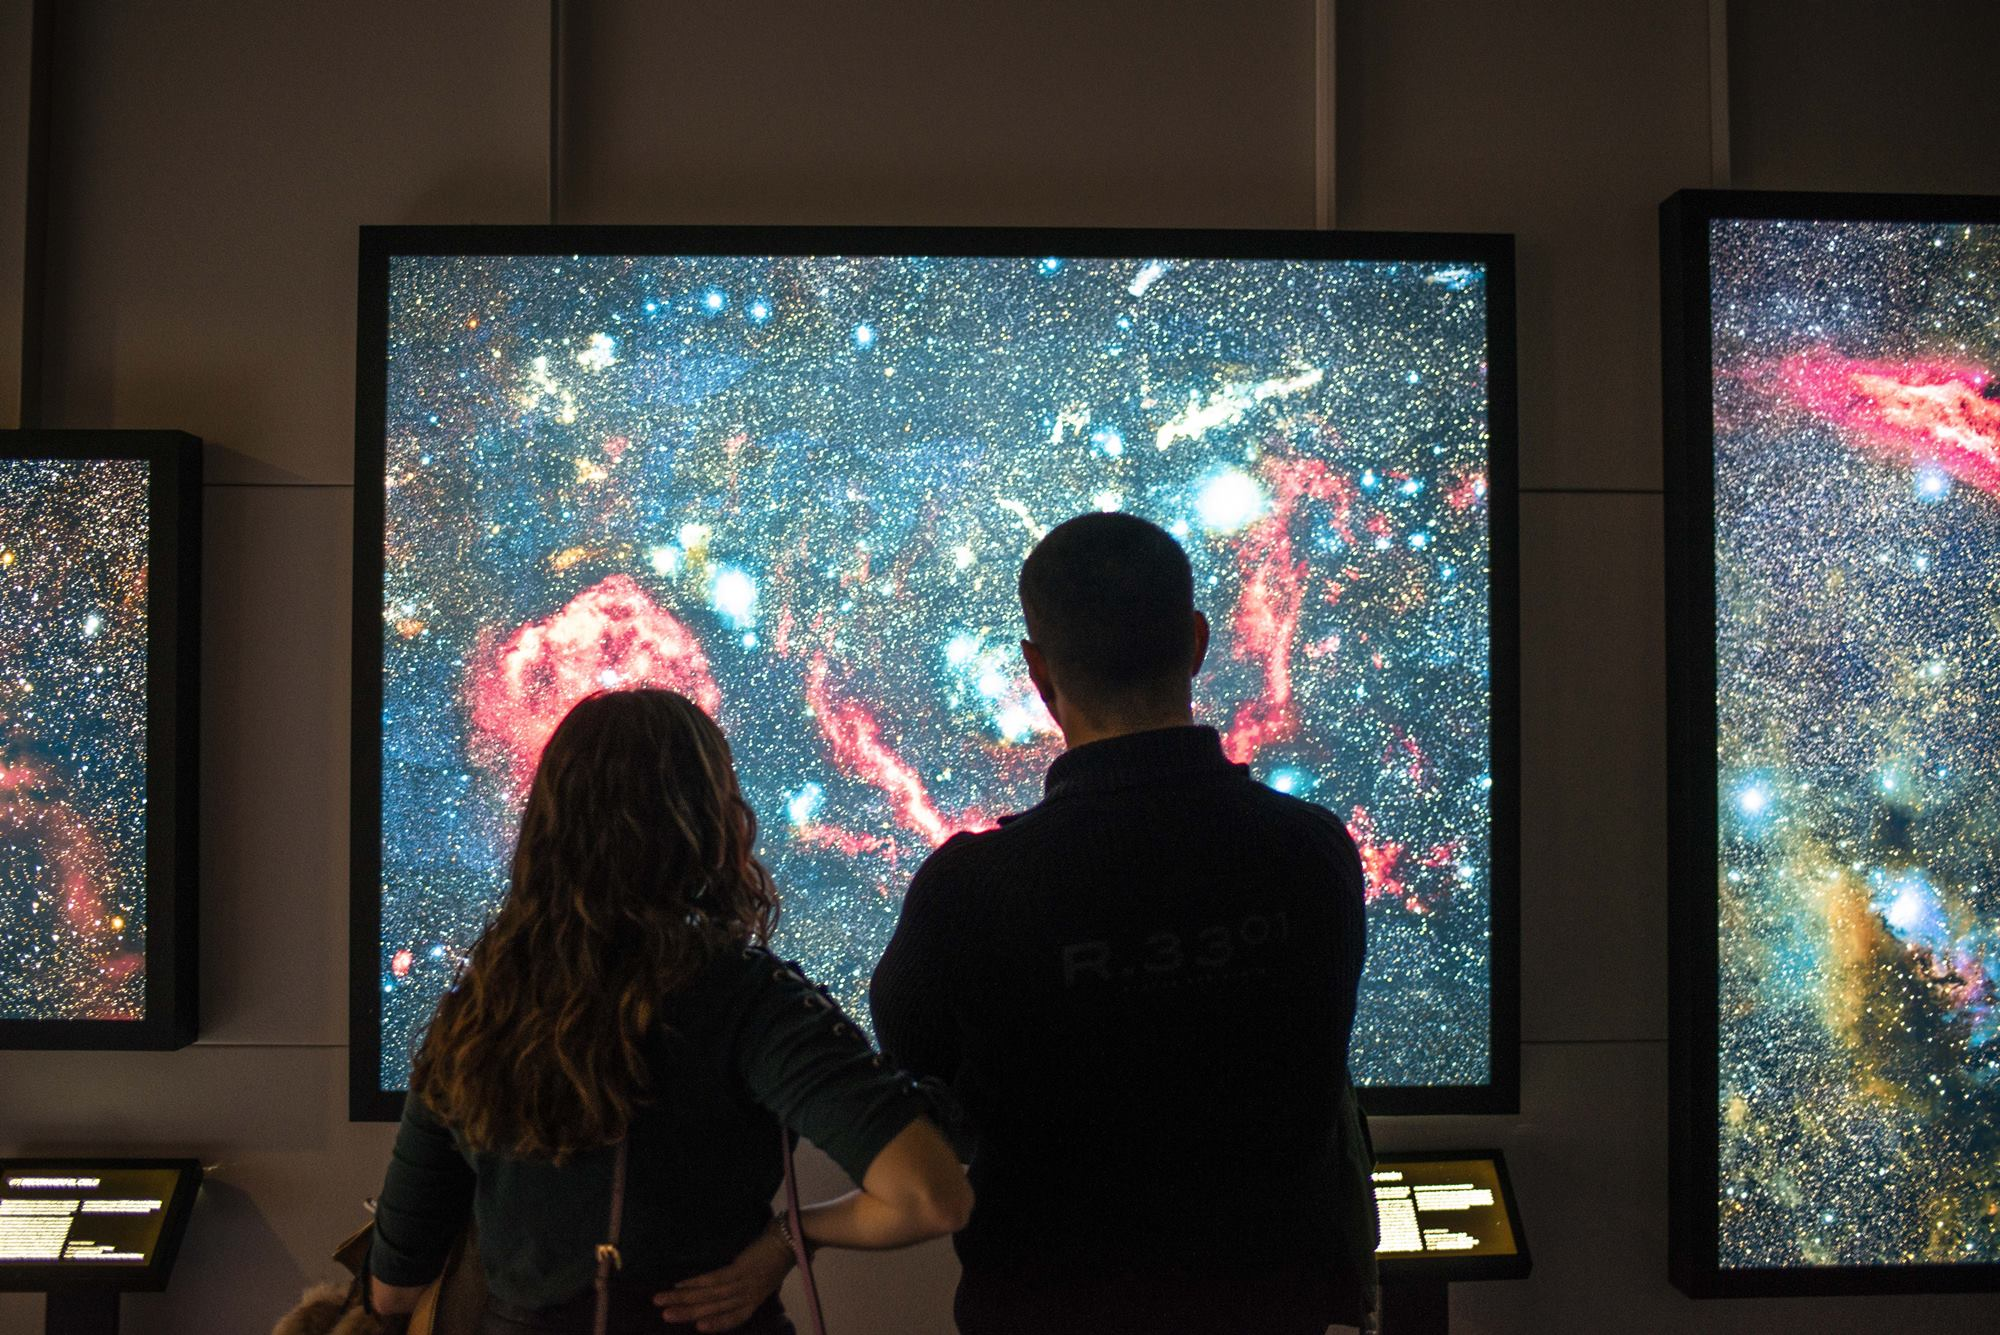 La mayoría de lugares para disfrutar de las estrellas están más cerca de lo que creemos.